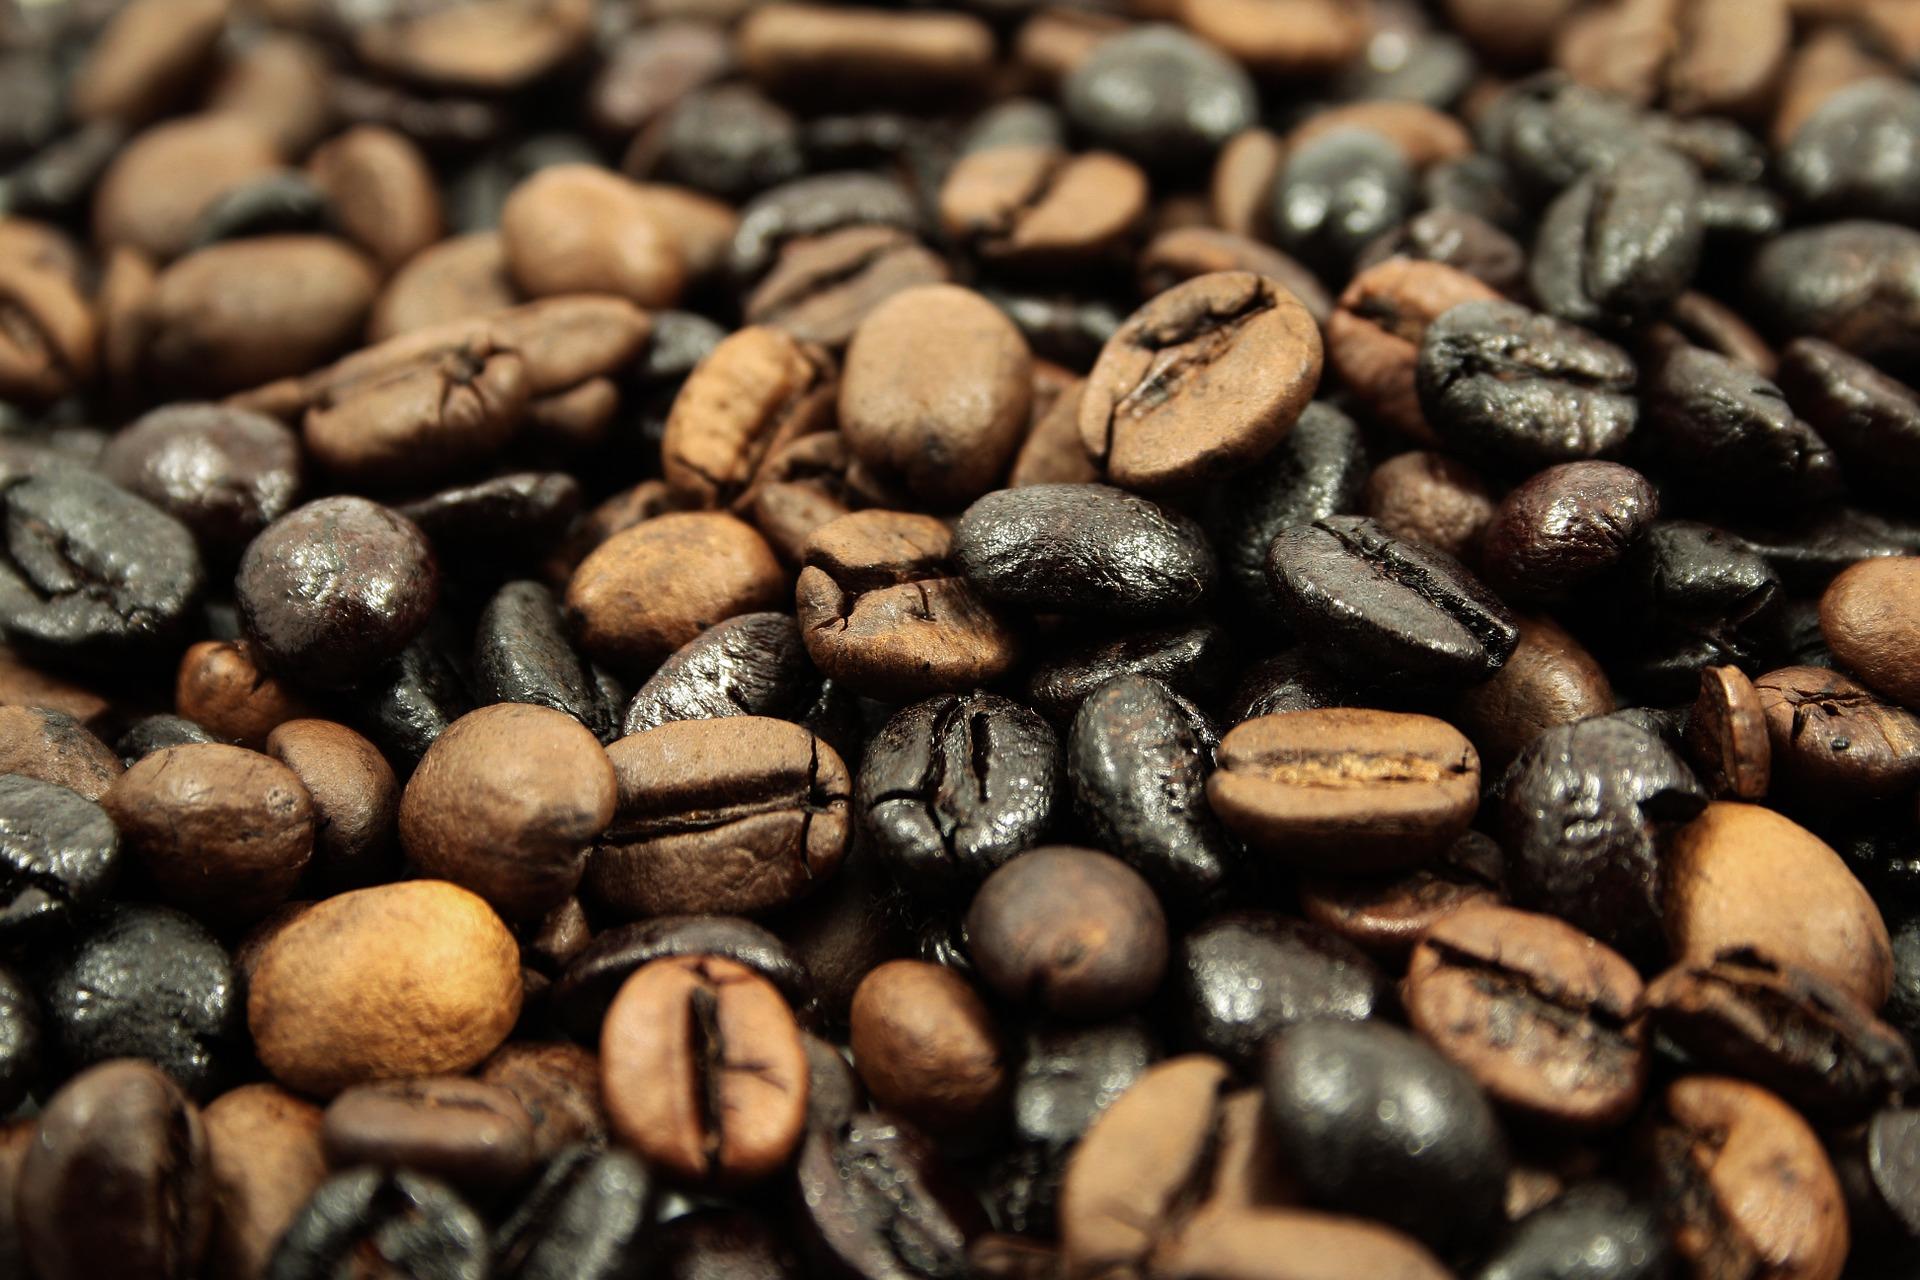 jaka kawe wybrac-patrz na kolor ziaren